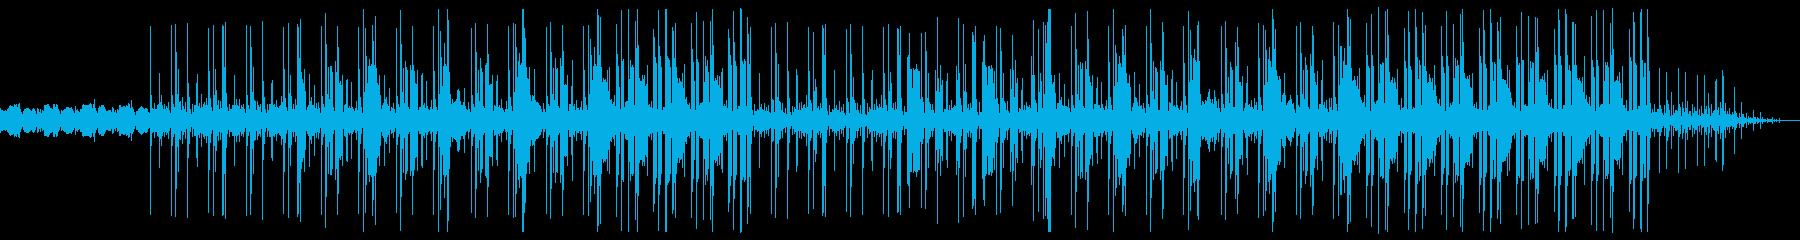 神秘的 幻想的 トラップビートの再生済みの波形